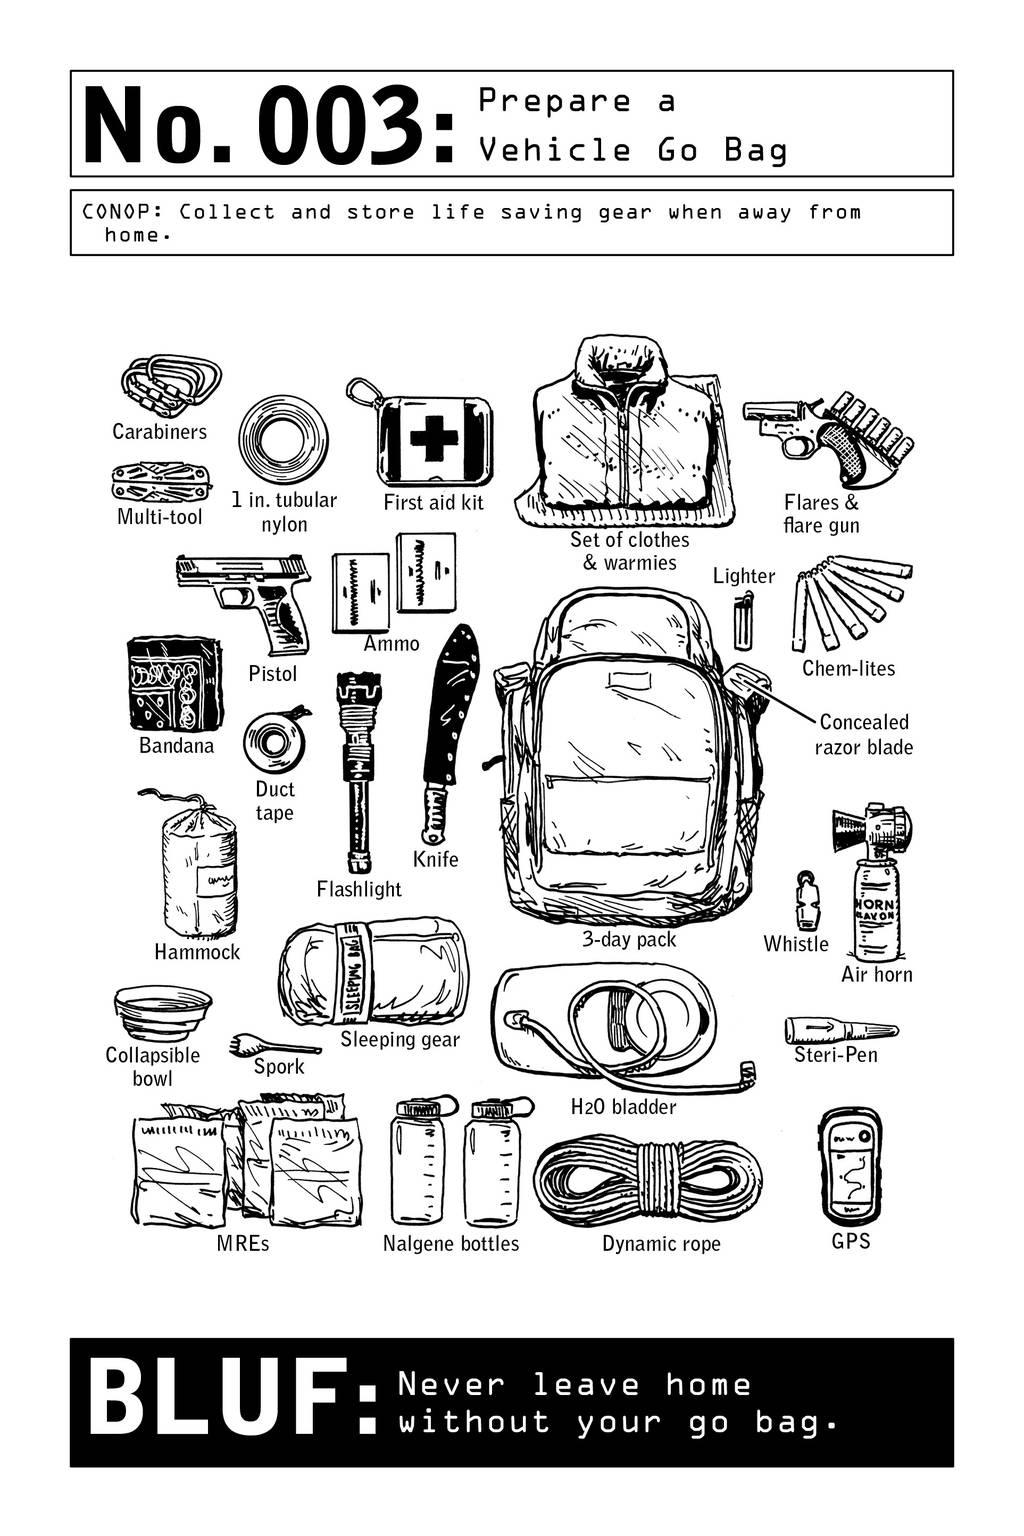 Build a Go Bag